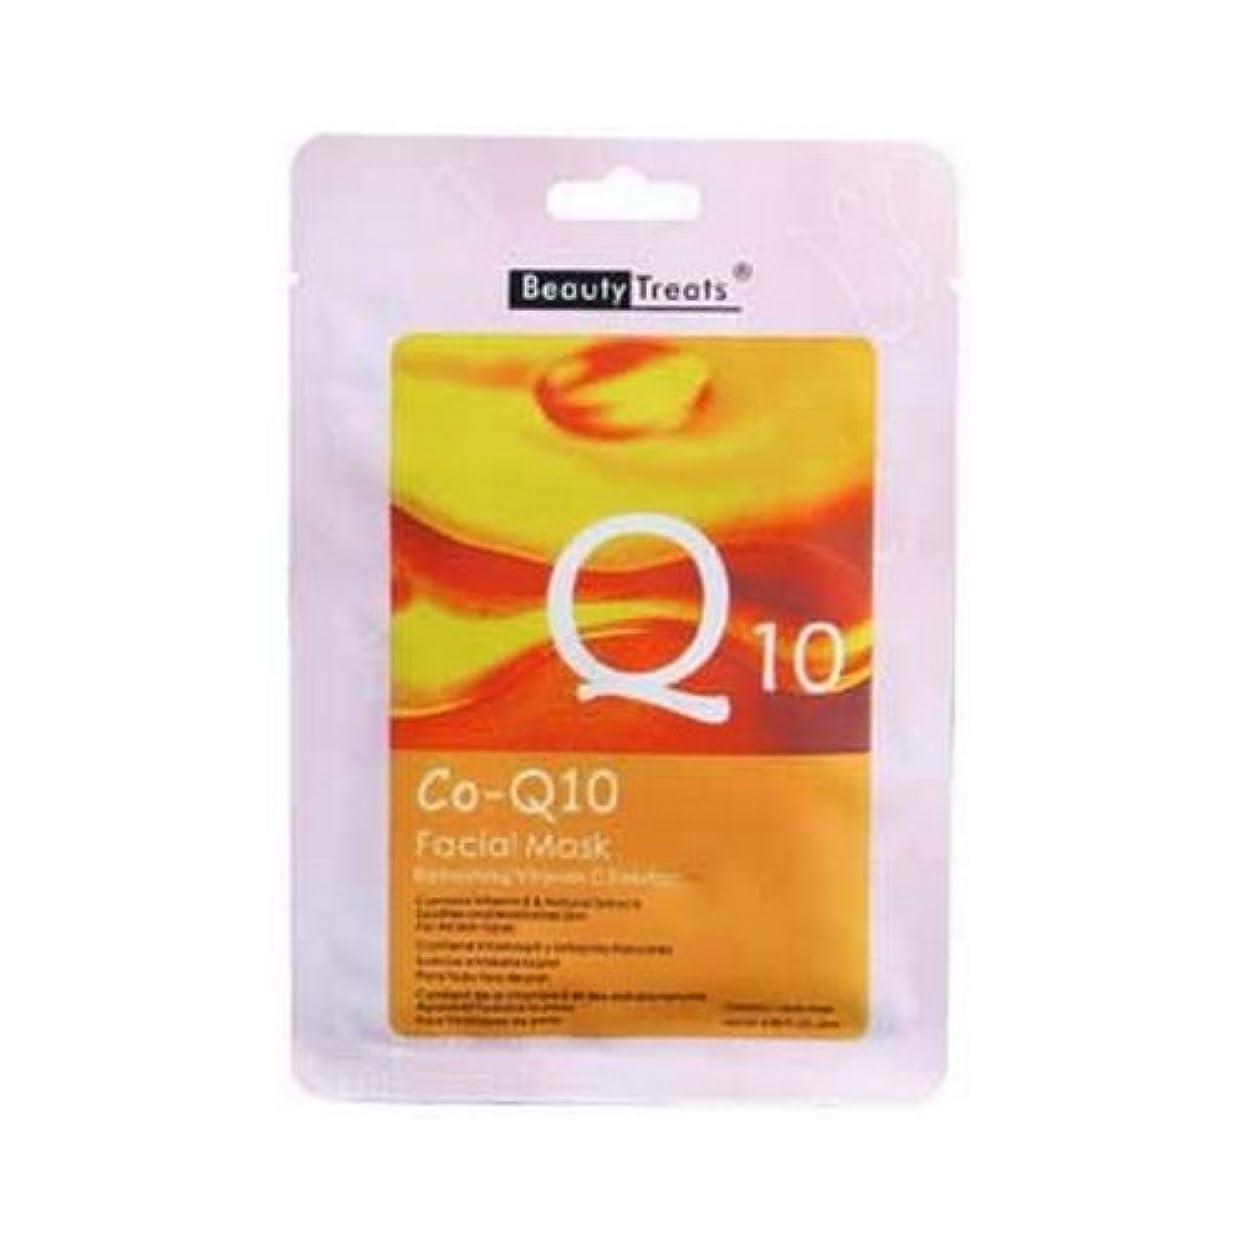 残り物伸ばすしなければならない(6 Pack) BEAUTY TREATS Facial Mask Refreshing Vitamin C Solution - Co-Q10 (並行輸入品)